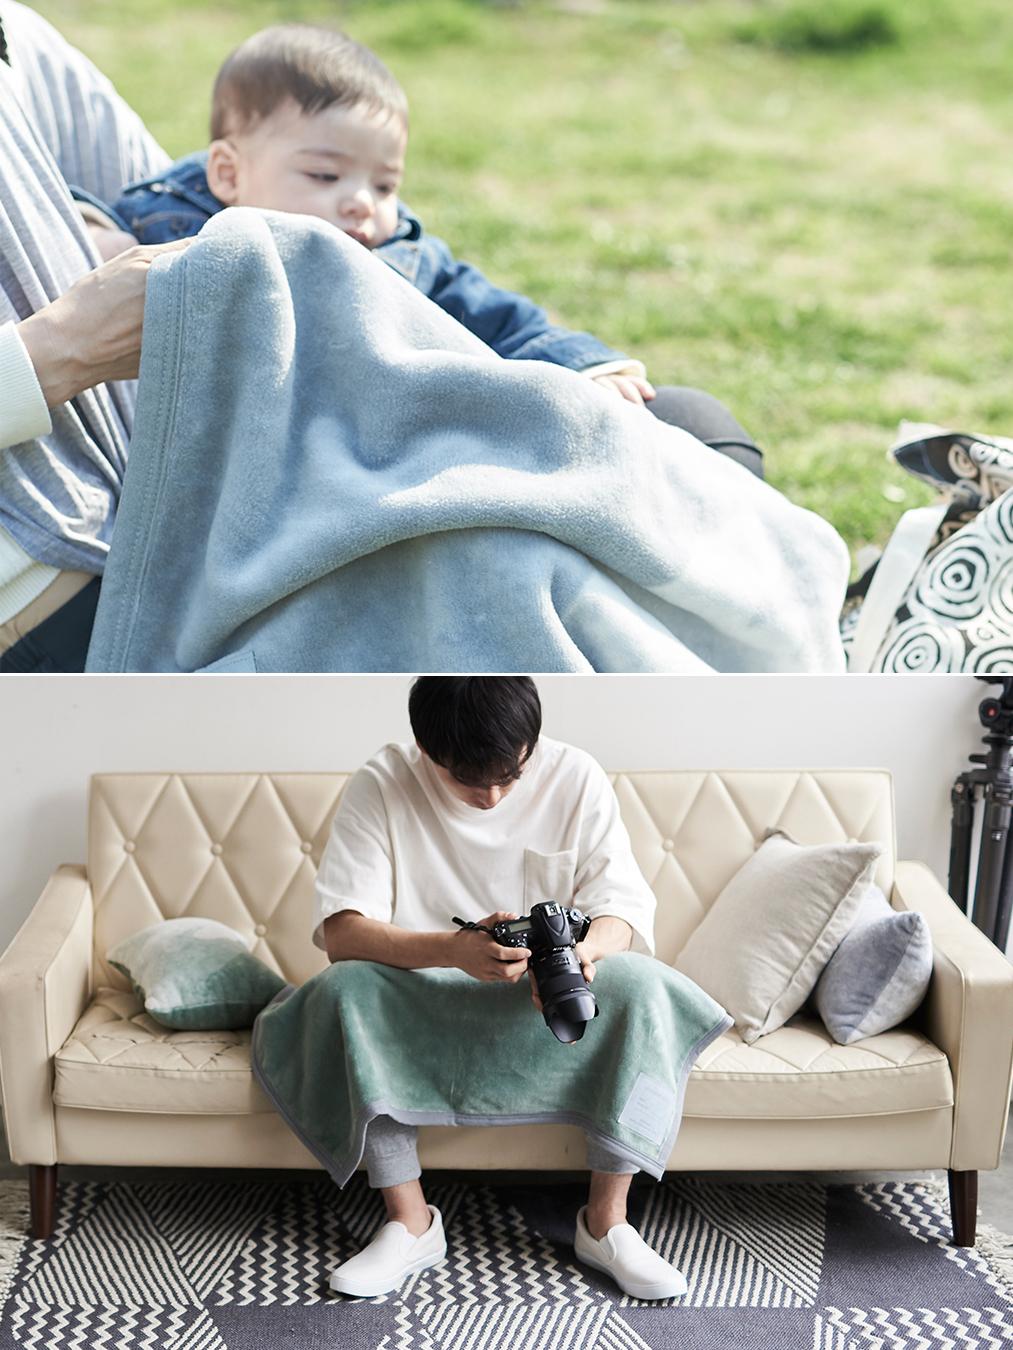 軽くて寝心地抜群。寝室の空間をセンスよくお洒落でスタイリッシュにしてくれる。肌触りと寝心地の良さで夏も冬も気持ちいい!ニューマイヤー織の綿毛布|FLOOD OF LIGHT(フルード オブ ライト、光の洪水)|LOOM&SPOOL